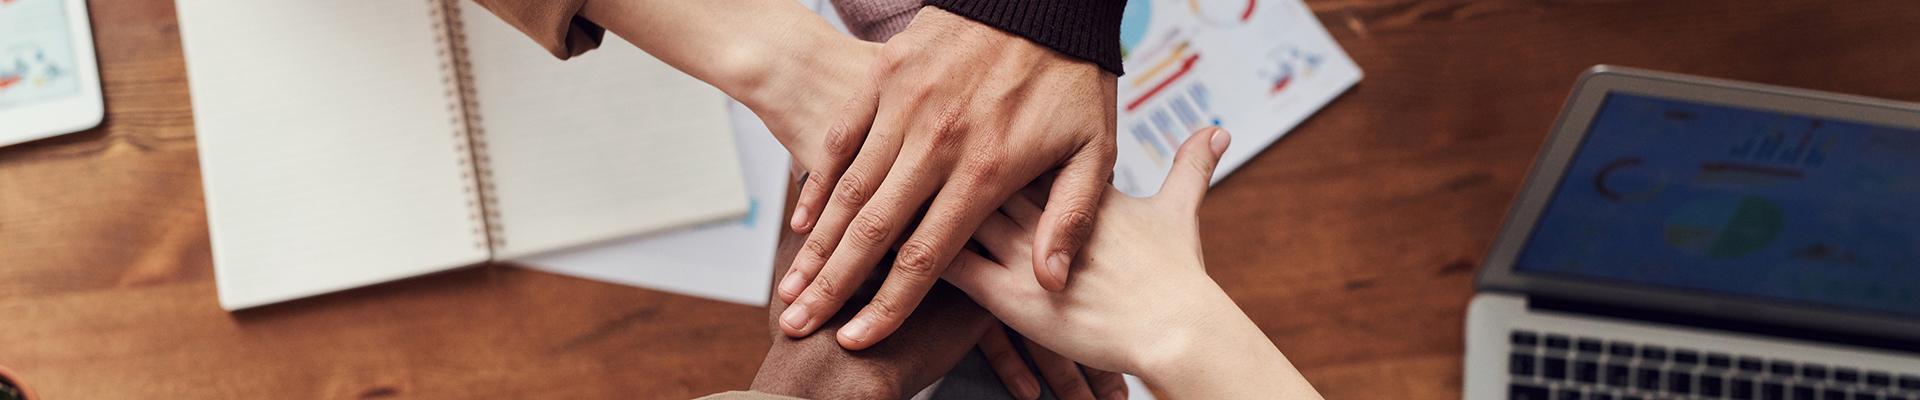 Hände liegen aufeinander und symbolisieren die Partnerschaft